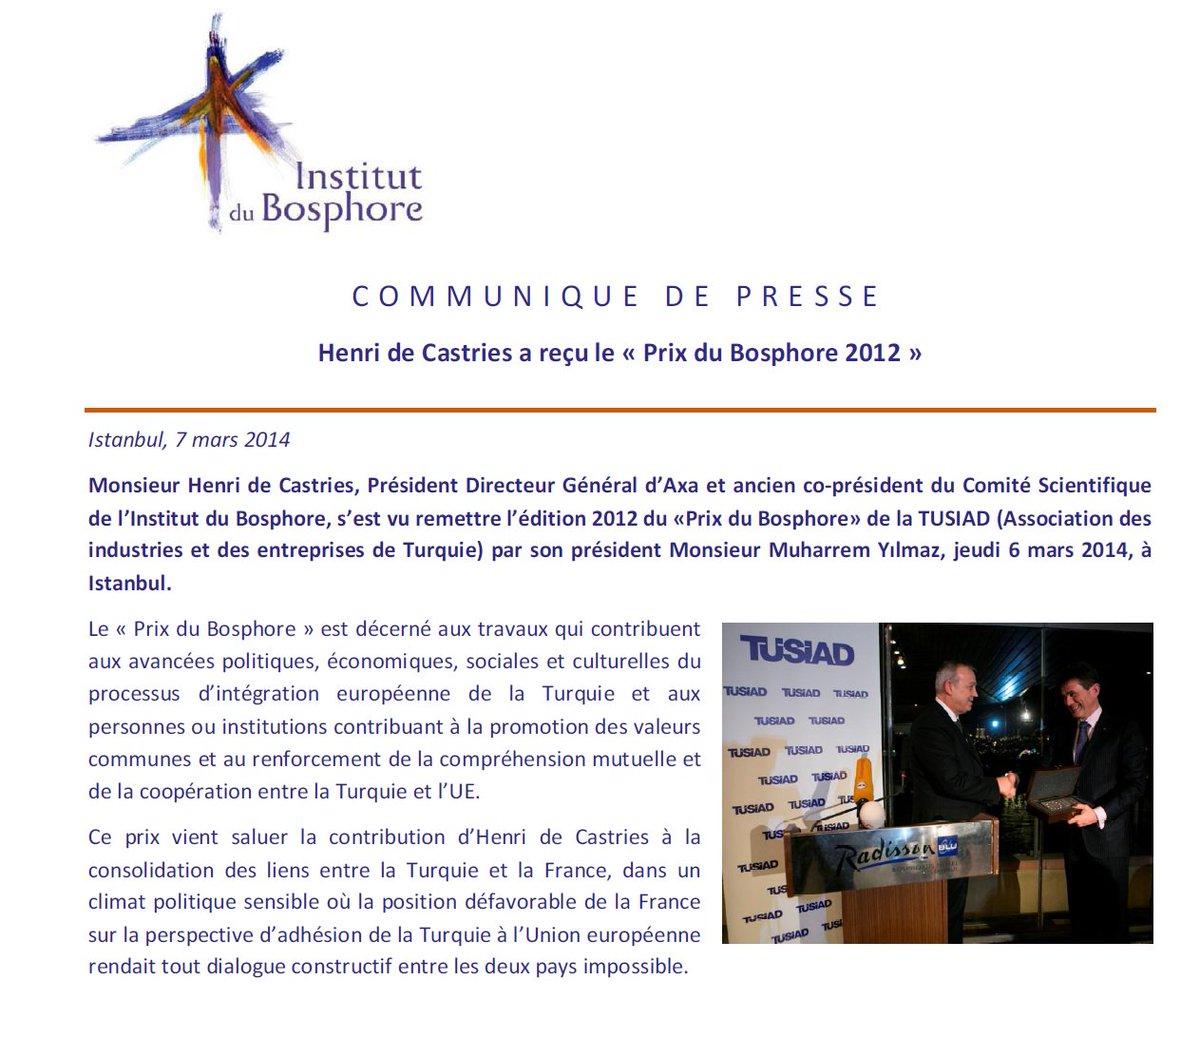 Henri de Castries, proche de @FrancoisFillon a reçu le prix &quot;Bosphore&quot; à Istanbul pr son action visant à faire entrer la #Turquie ds l&#39;UE. <br>http://pic.twitter.com/zDWJzzapAU